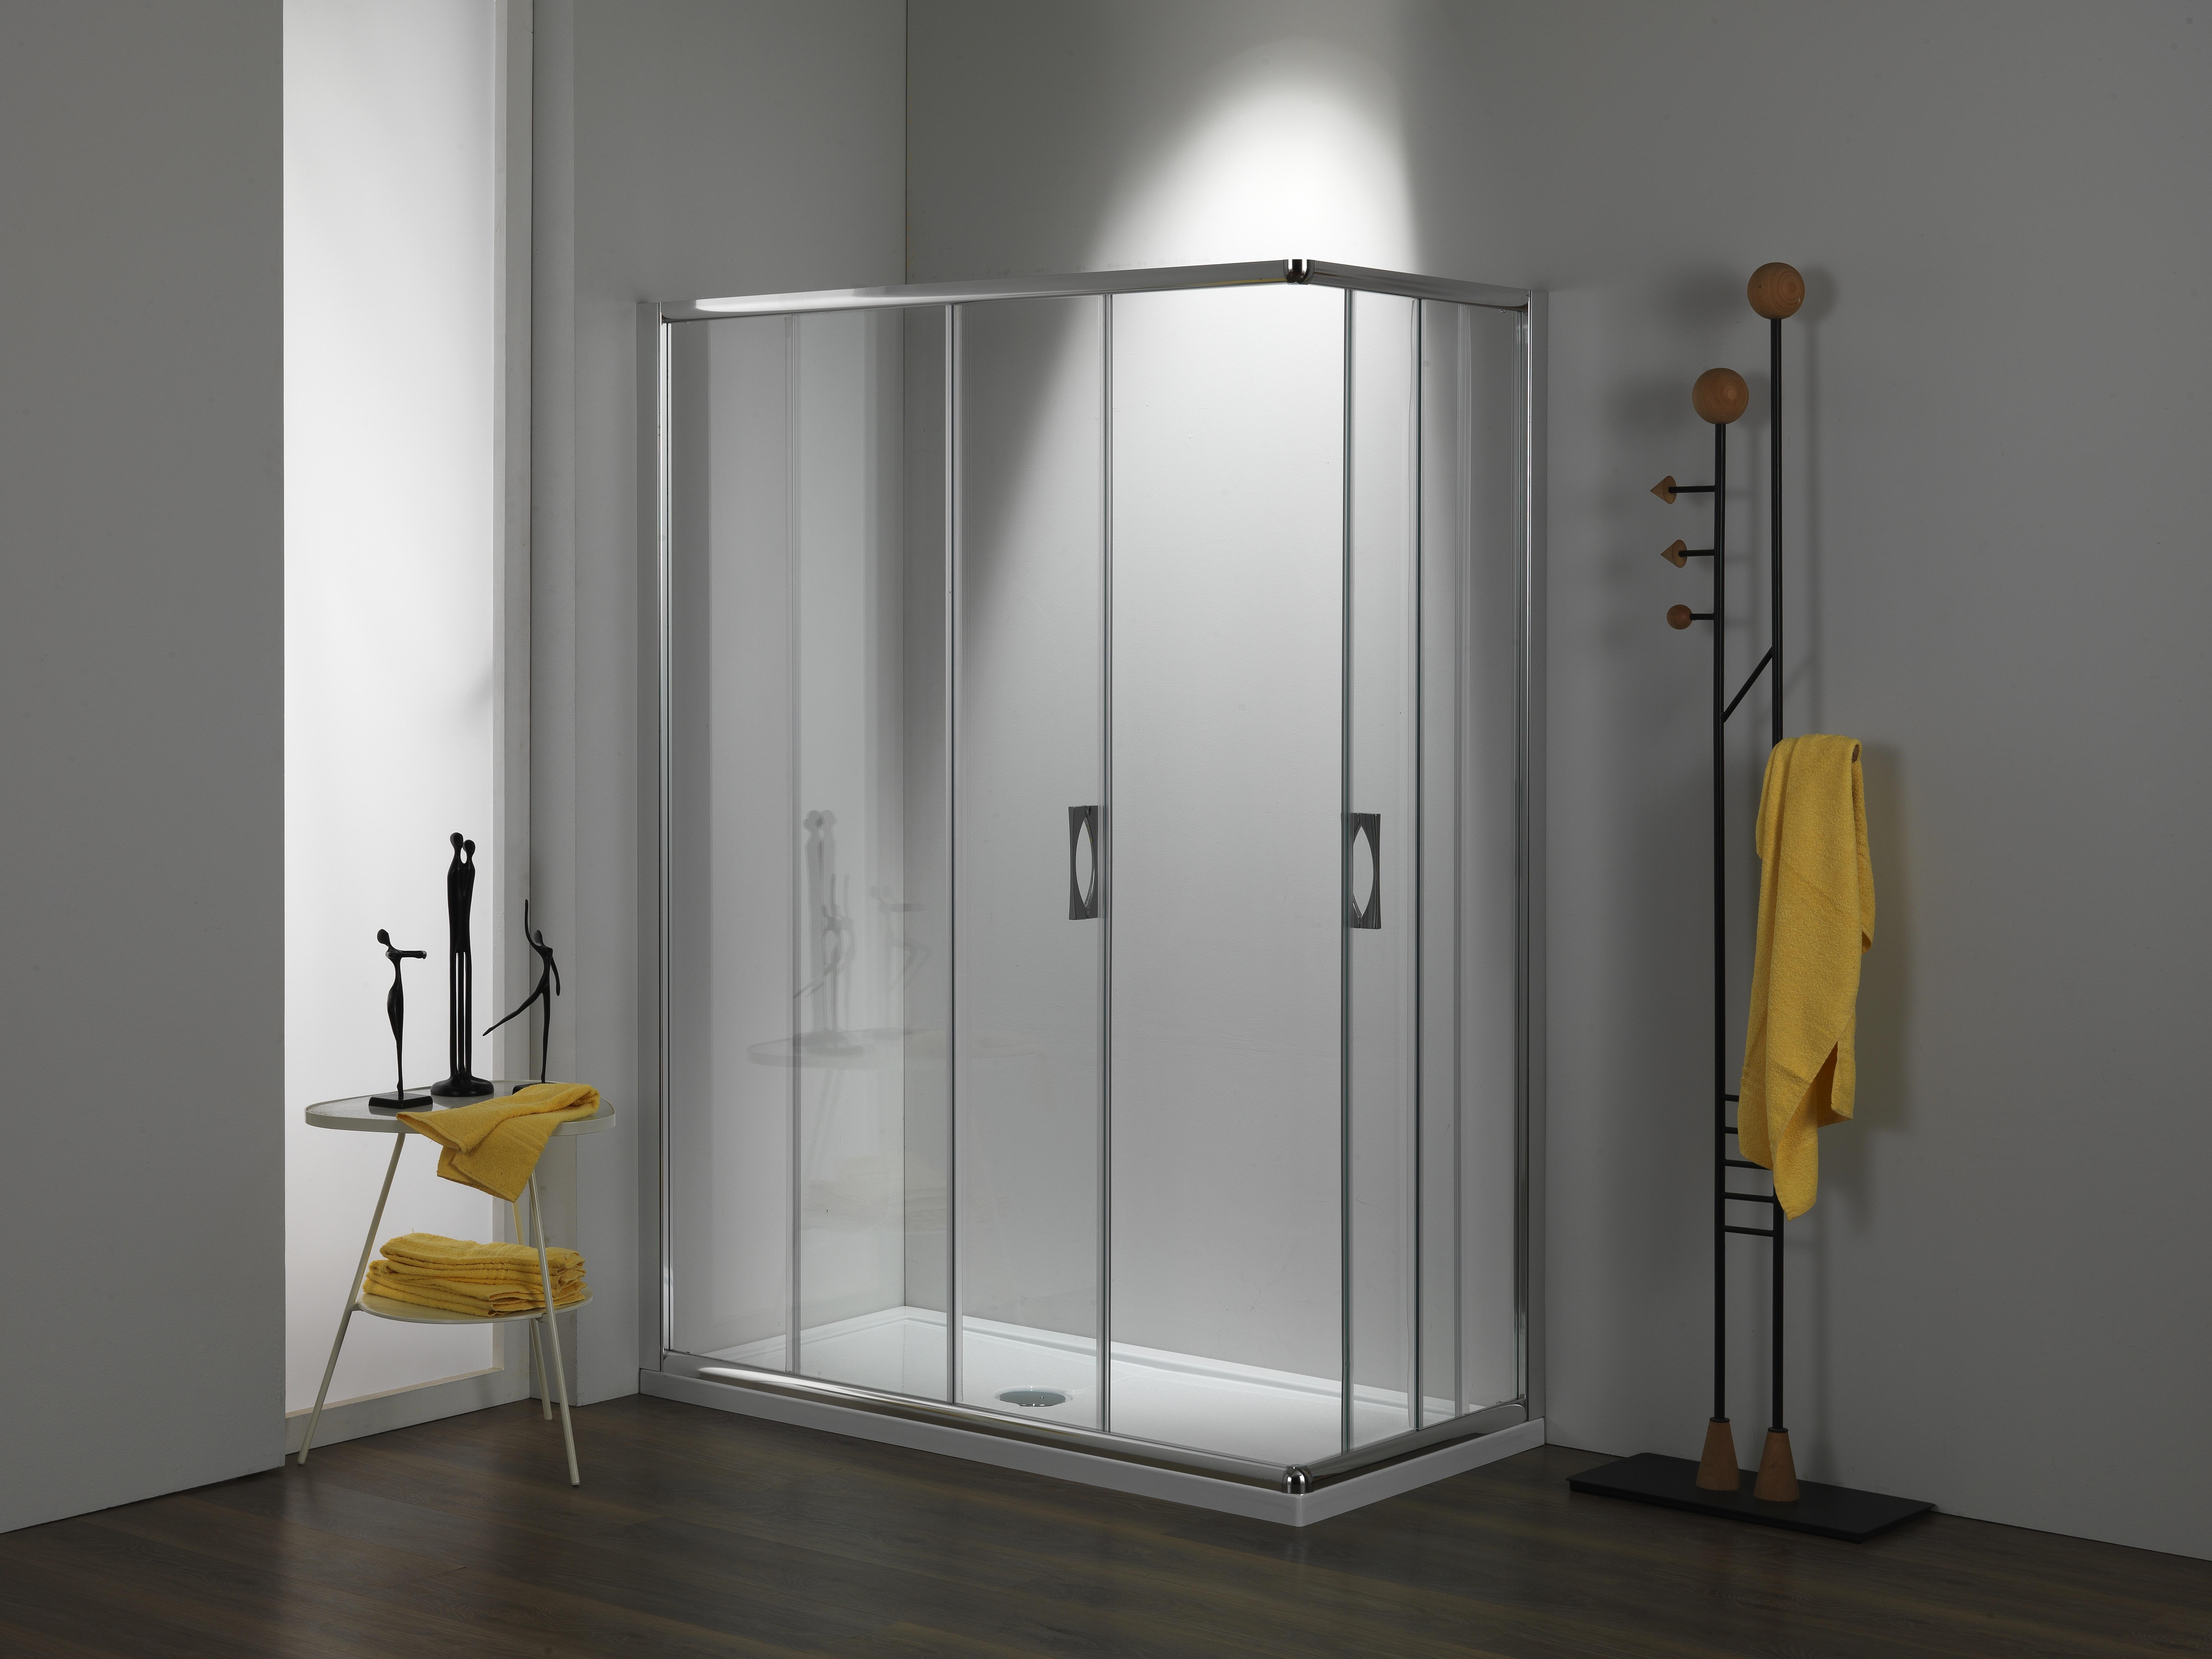 Trasformazione vasca in doccia u preventivo e sopralluogo gratuito